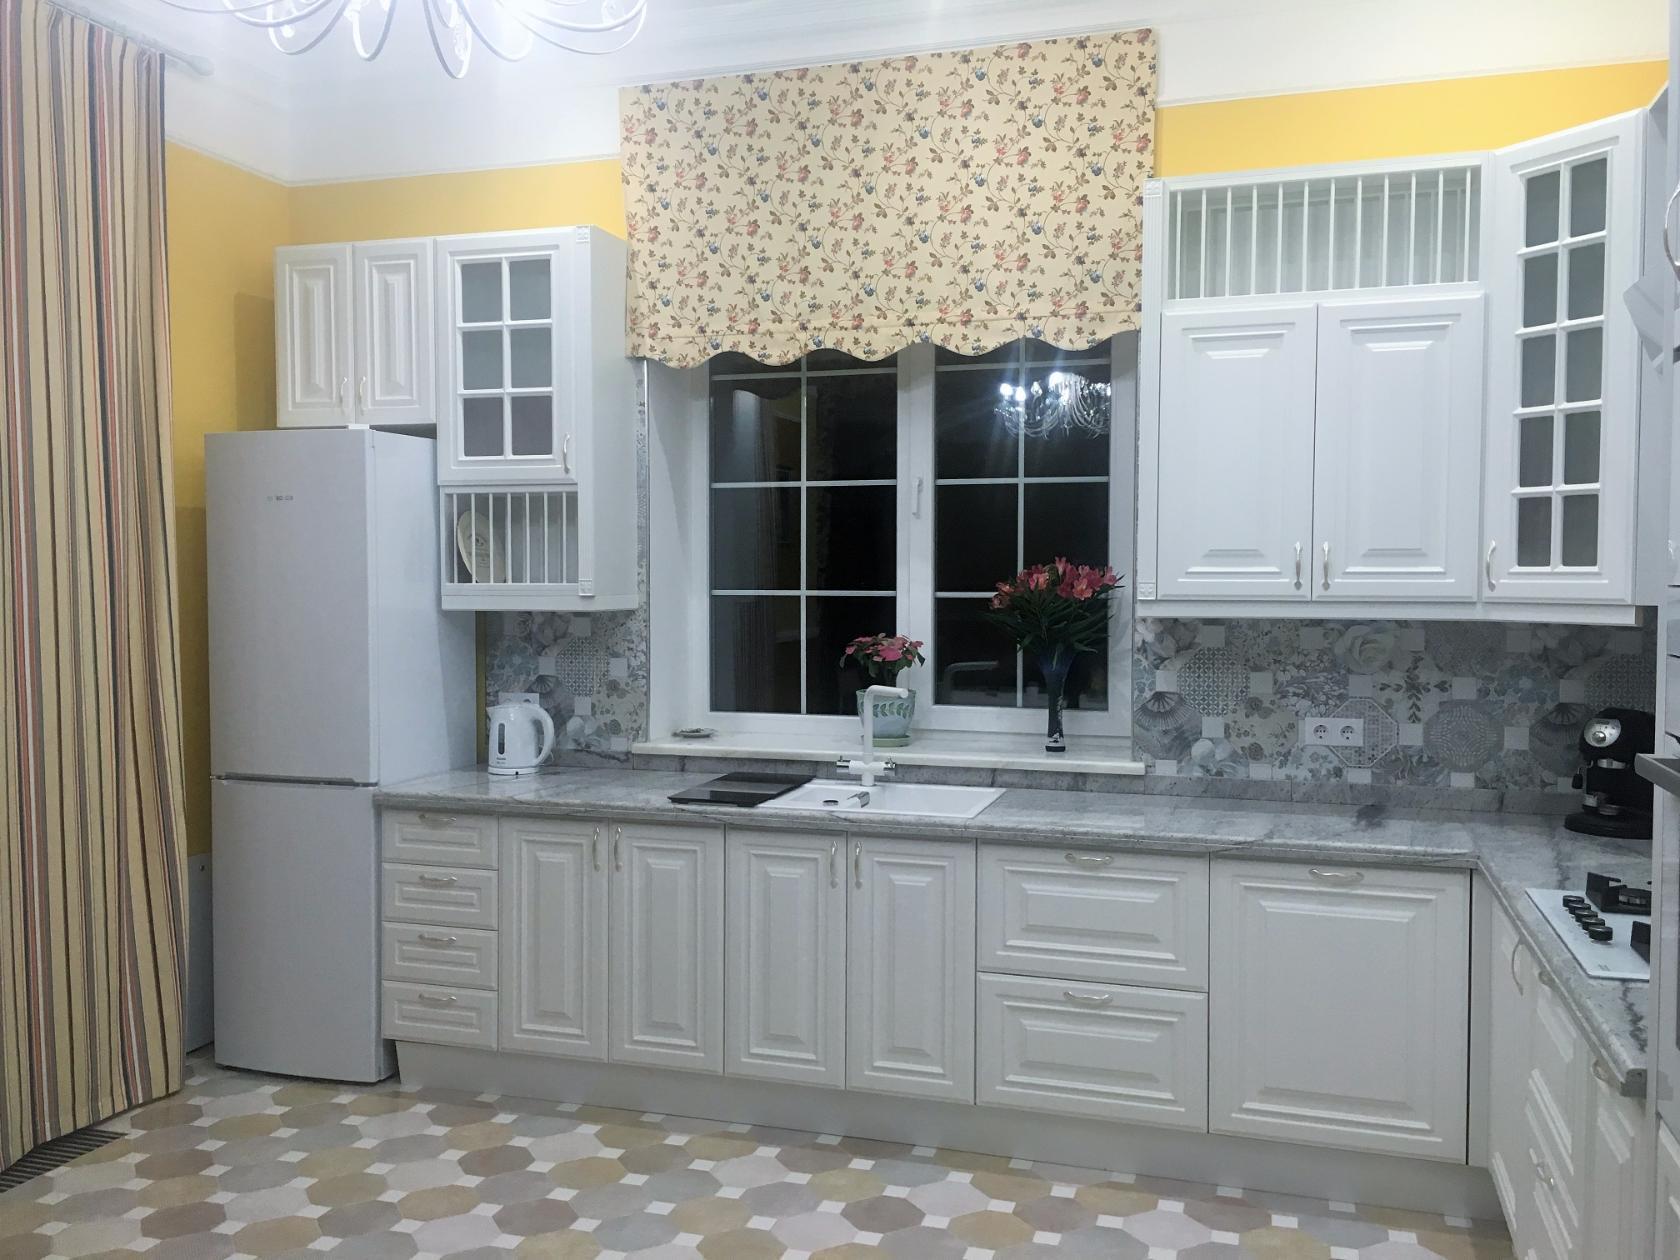 Идеи оформления окна на кухне: реальные фото примеры